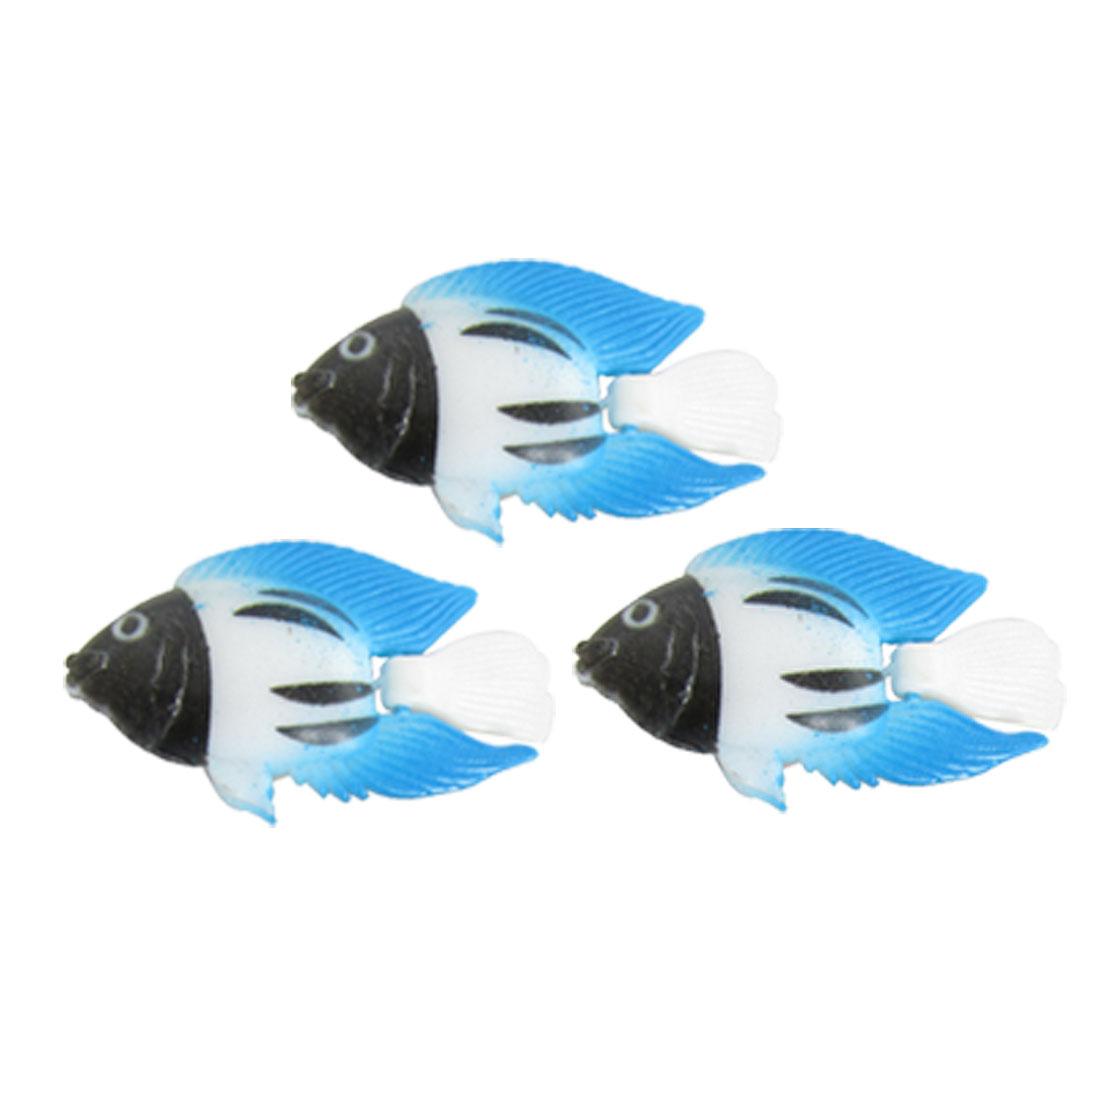 3 Pcs Artificial Three Colors Plastic Fish Aquarium Ornament